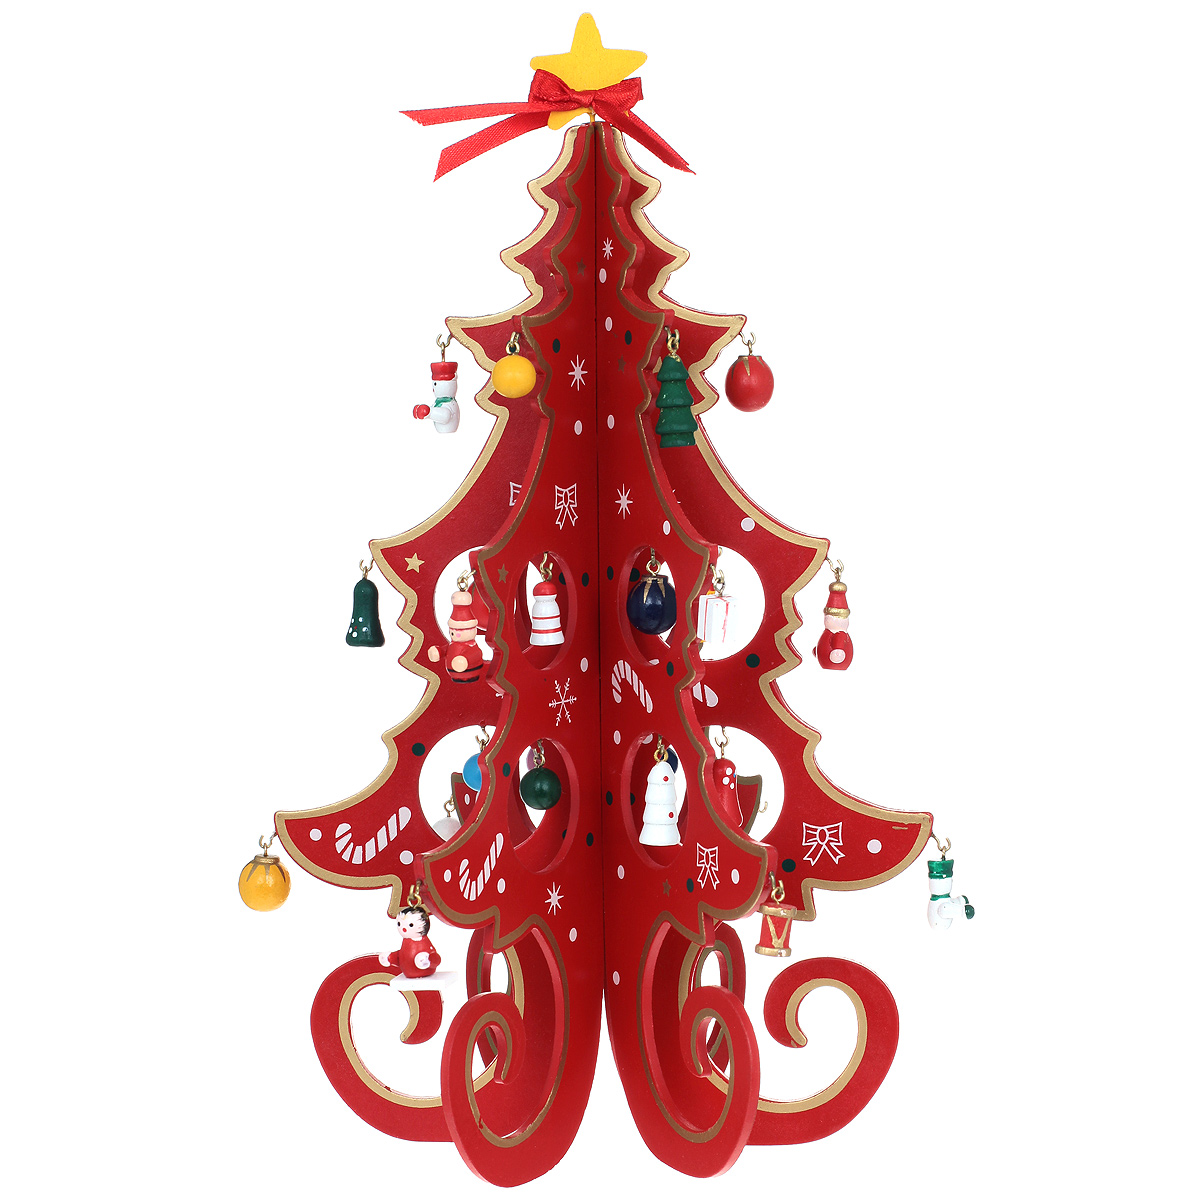 Новогоднее деревянное украшение Новогодняя елка, цвет: красный. 2616726167Новогоднее деревянное украшение Новогодняя елка гармонично впишется в праздничный интерьер вашего дома или офиса. Украшение выполнено из дерева в виде елки зеленого цвета, которая устанавливается на круглую подставку. Изделие оснащено музыкальным устройством, которое играет мелодию М.И. Красева к песне Маленькой елочке холодно зимой. Музыкальное устройство оснащено заводным механизмом, которое располагается на дне. На елке имеются металлические крючки, на которые подвешиваются маленькие деревянные игрушки (входящие в комплект). Сверху елочку украшает желтая звезда с красной текстильной ленточкой.Новогодние украшения всегда несут в себе волшебство и красоту праздника. Создайте в своем доме атмосферу тепла, веселья и радости, украшая его всей семьей.